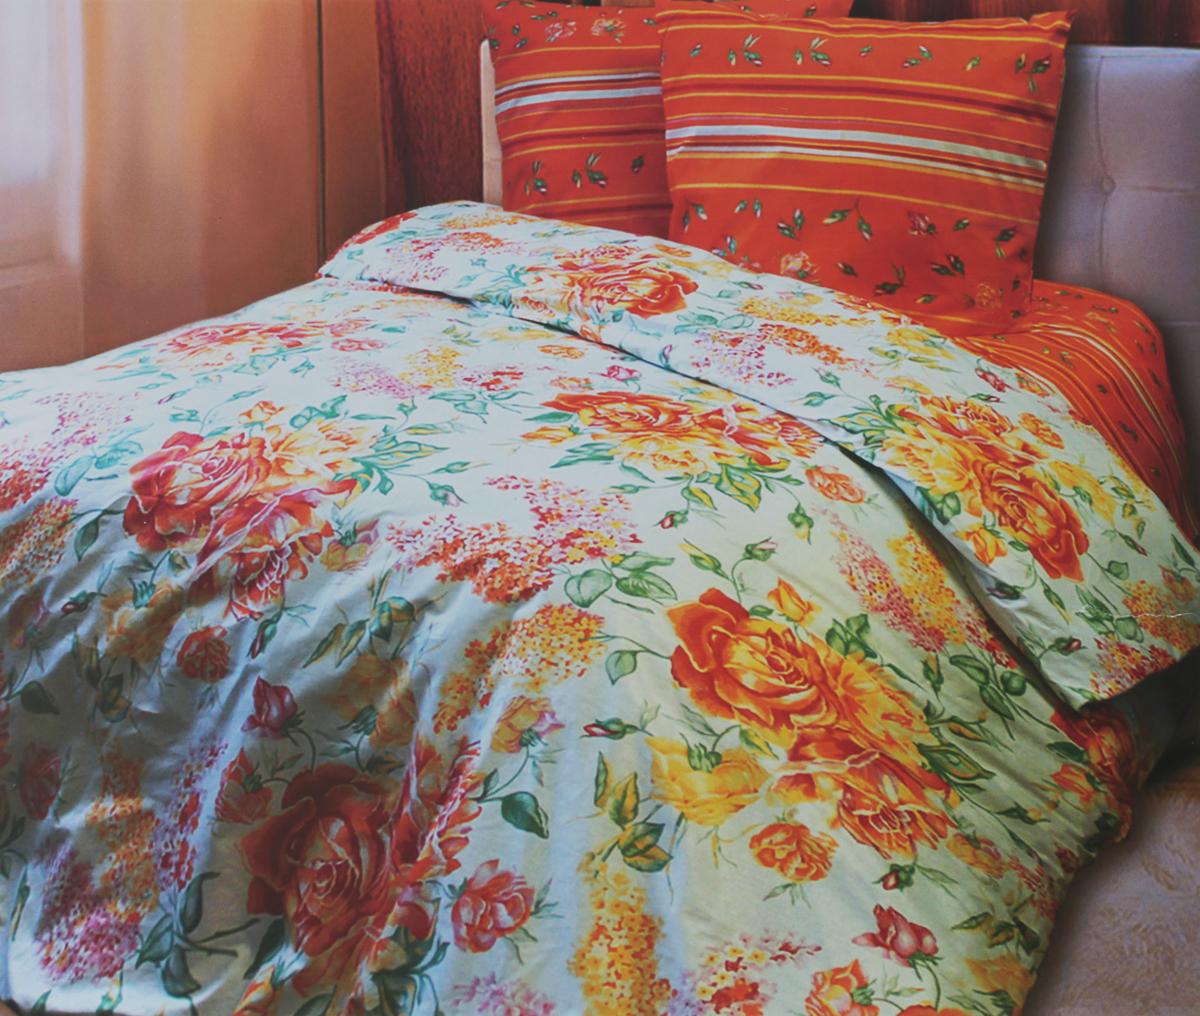 Комплект белья Катюша Сюзанна, семейное, наволочки 50х70C-266/3839Комплект постельного белья Катюша Сюзанна является экологически безопасным для всей семьи, так как выполнен из бязи (100% хлопок). Комплект состоит из двух пододеяльников, простыни и двух наволочек. Постельное белье оформлено оригинальным рисунком и имеет изысканный внешний вид. Бязь - это ткань полотняного переплетения, изготовленная из экологически чистого и натурального 100% хлопка. Она прочная, мягкая, обладает низкой сминаемостью, легко стирается и хорошо гладится. Бязь прекрасно пропускает воздух и за ней легко ухаживать. При соблюдении рекомендуемых условий стирки, сушки и глажения ткань имеет усадку по ГОСТу, сохранятся яркость текстильных рисунков. Приобретая комплект постельного белья Катюша Сюзанна, вы можете быть уверенны в том, что покупка доставит вам и вашим близким удовольствие иподарит максимальный комфорт.Советы по выбору постельного белья от блогера Ирины Соковых. Статья OZON Гид